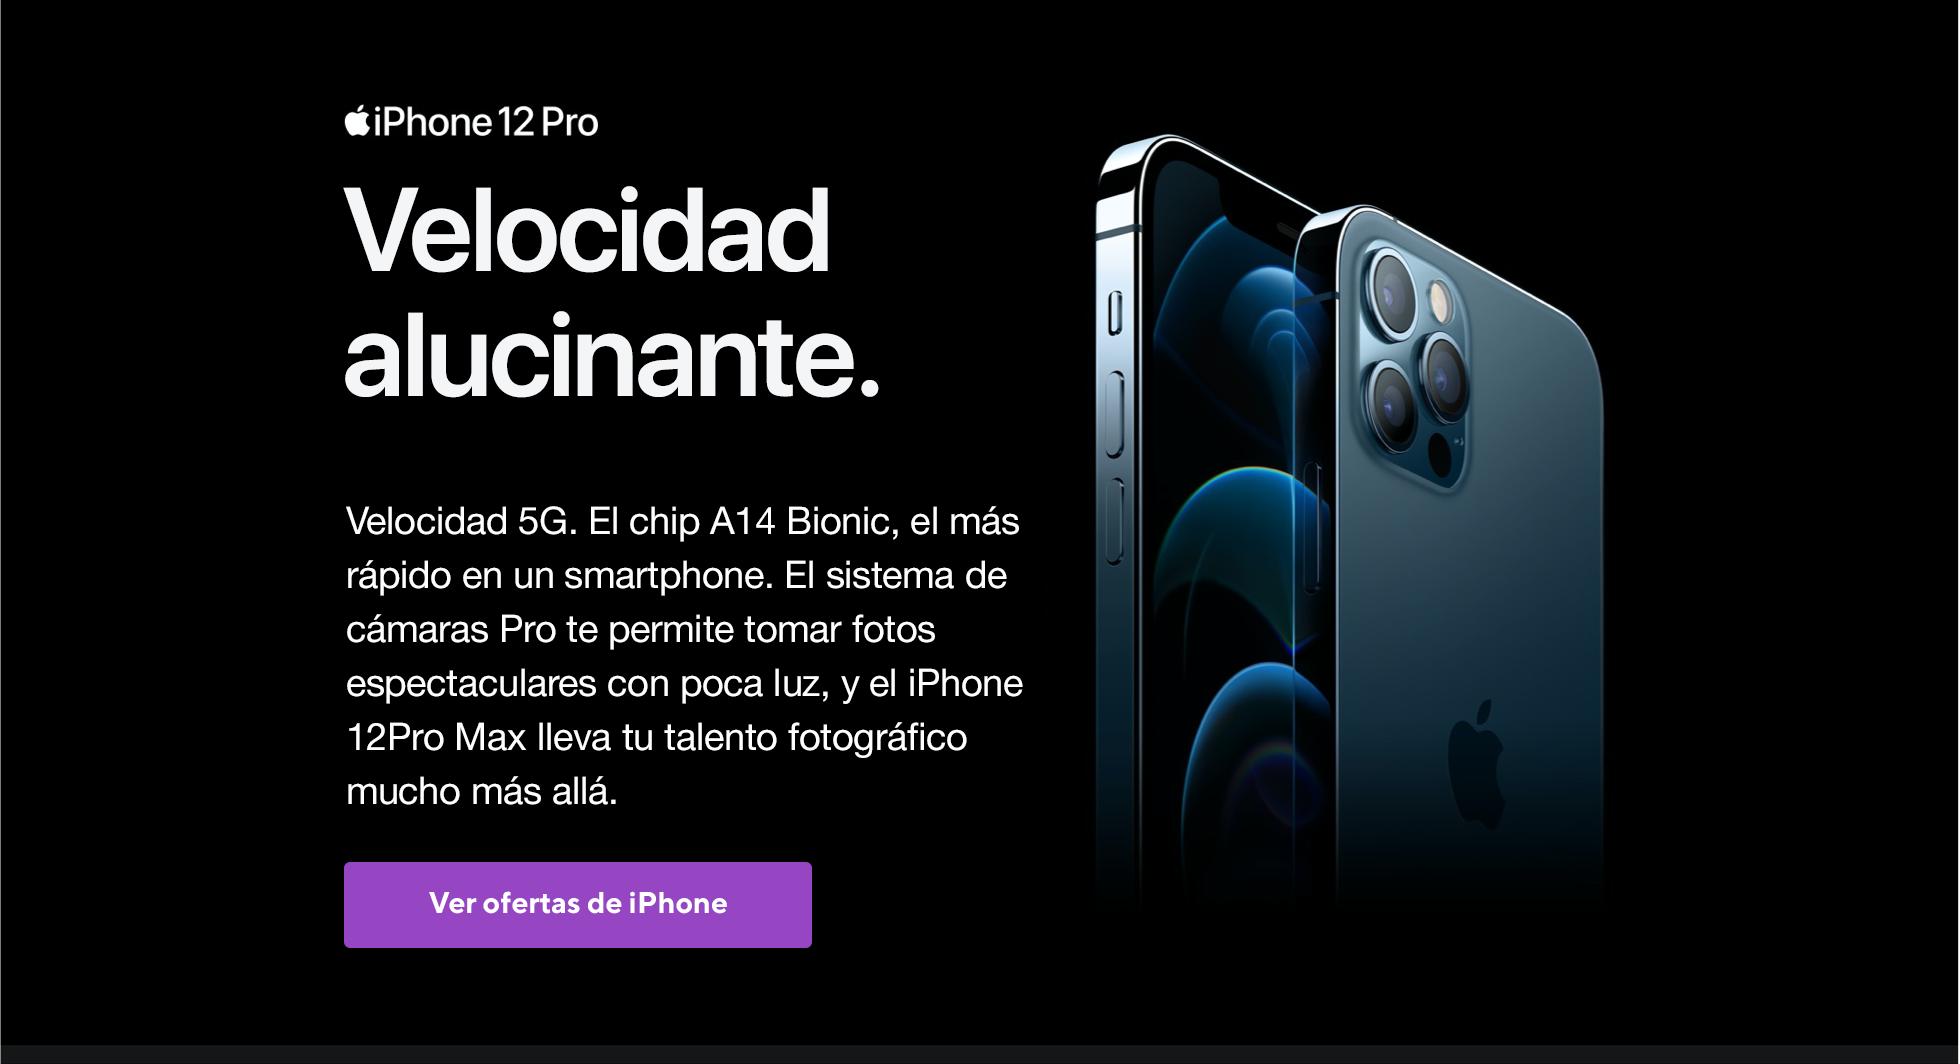 iPhone 12 Pro. Velocidad alucinante. Velocidad 5G. Chip A14 Bionic,el más rápido en un smartphone. Y un sistema de cámaras Pro optimizado para tomar fotos con poca luz, que alcanza su máxima expresión en eliPhone12Pro Max. Próximamente enMetro by T-Mobile.